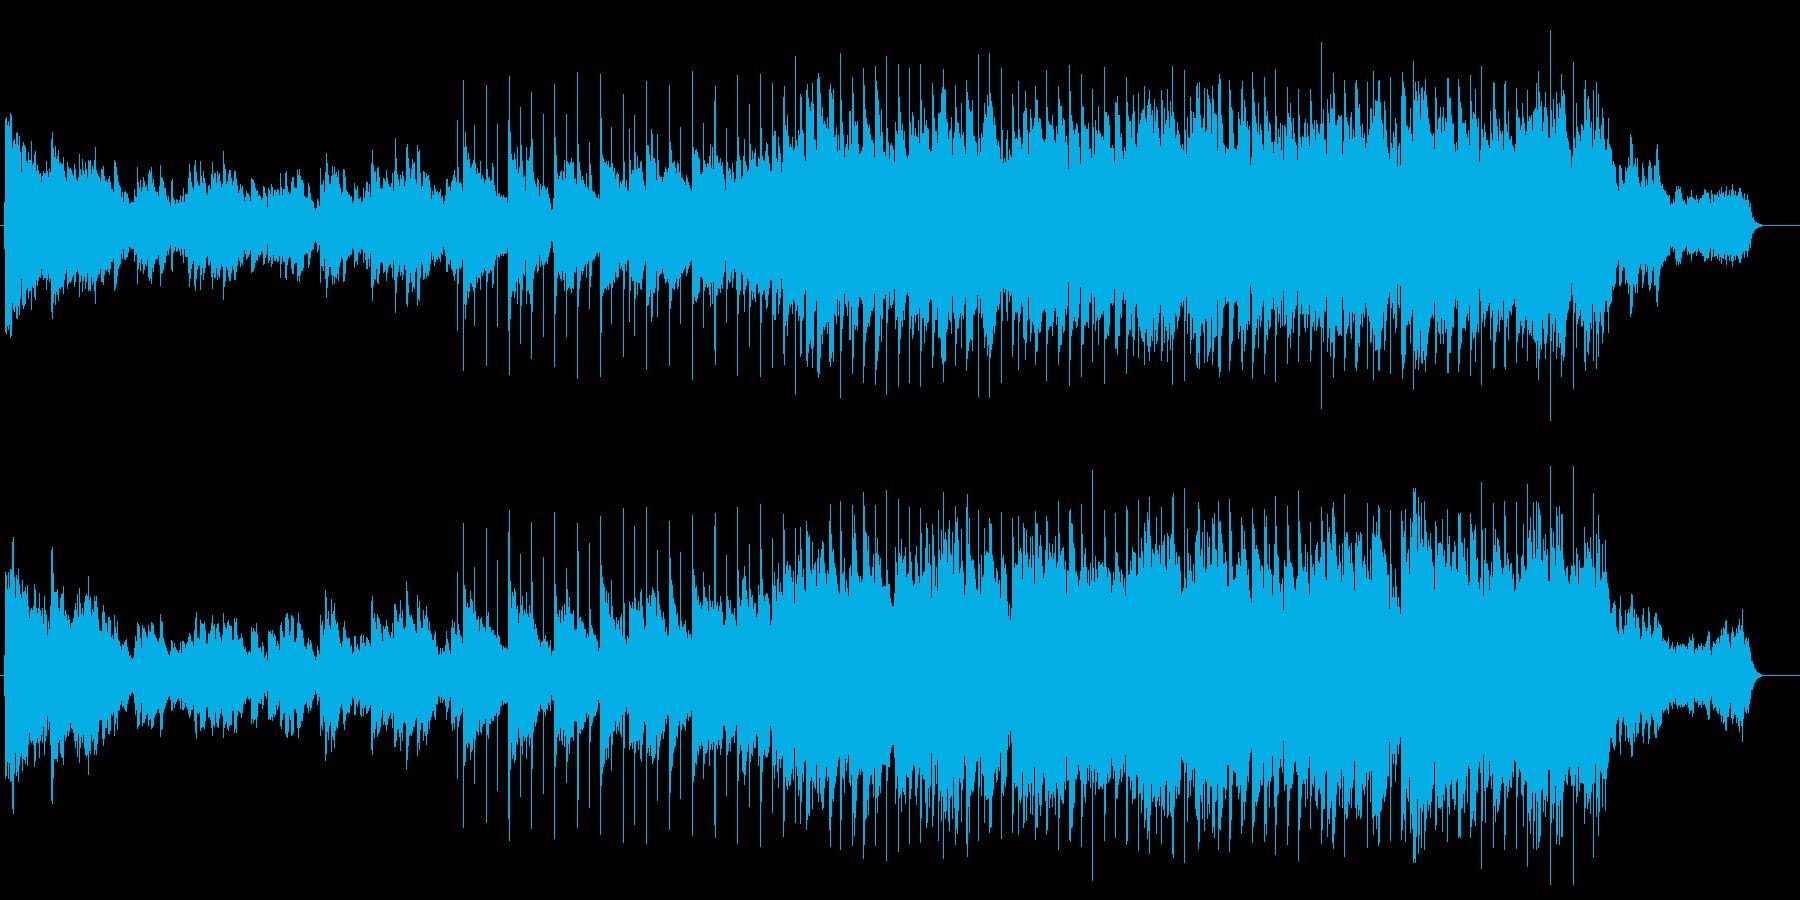 喜びのファンタスティックなソフトバラードの再生済みの波形